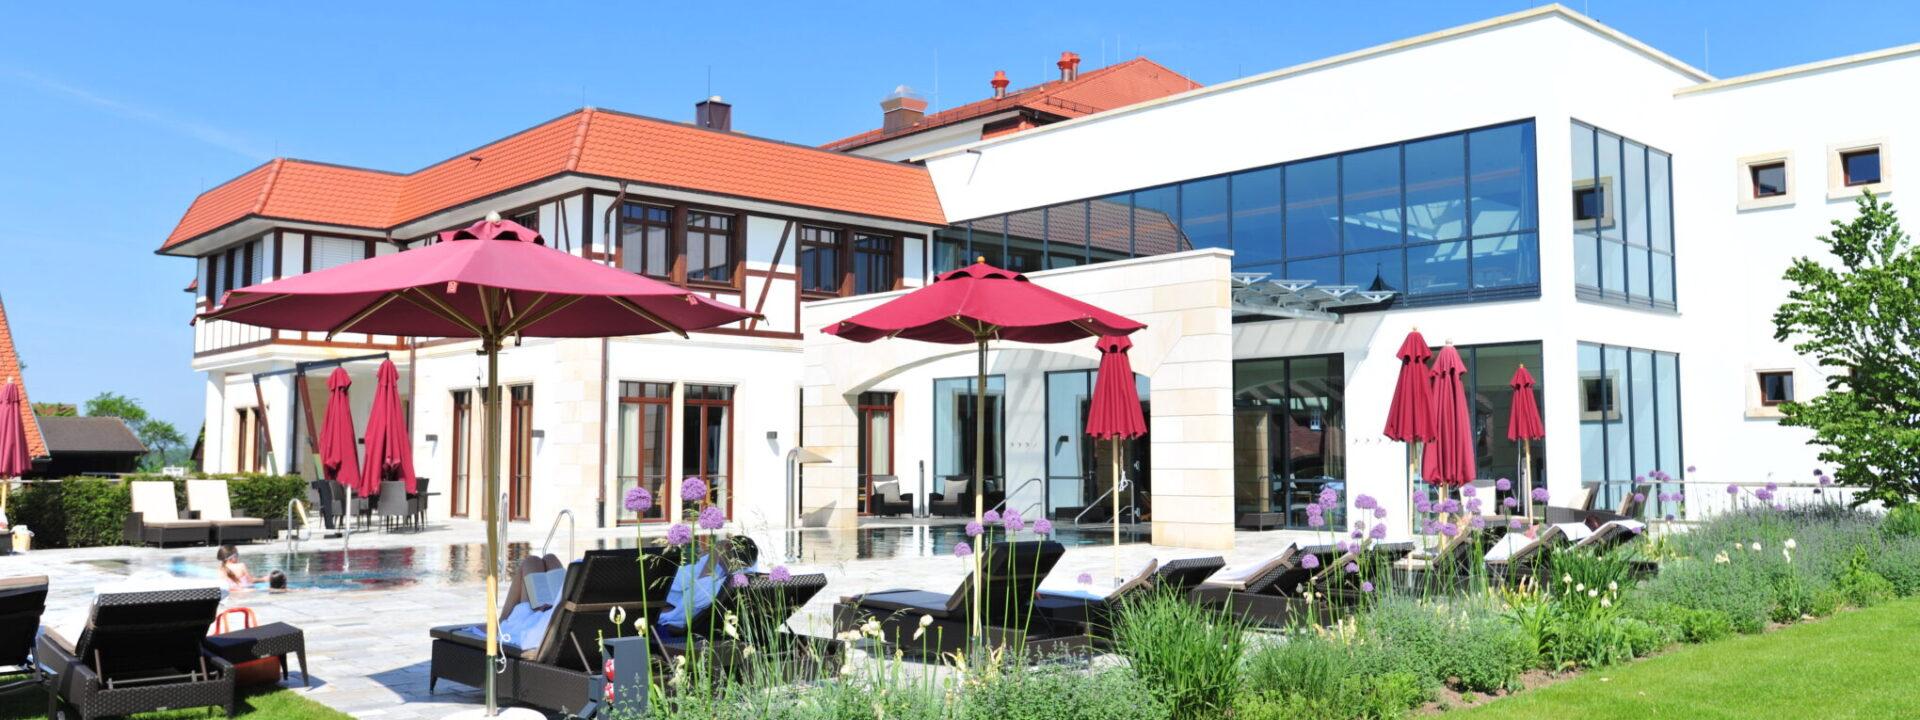 Wald & Schlosshotel Friedrichsruhe Pool aussen